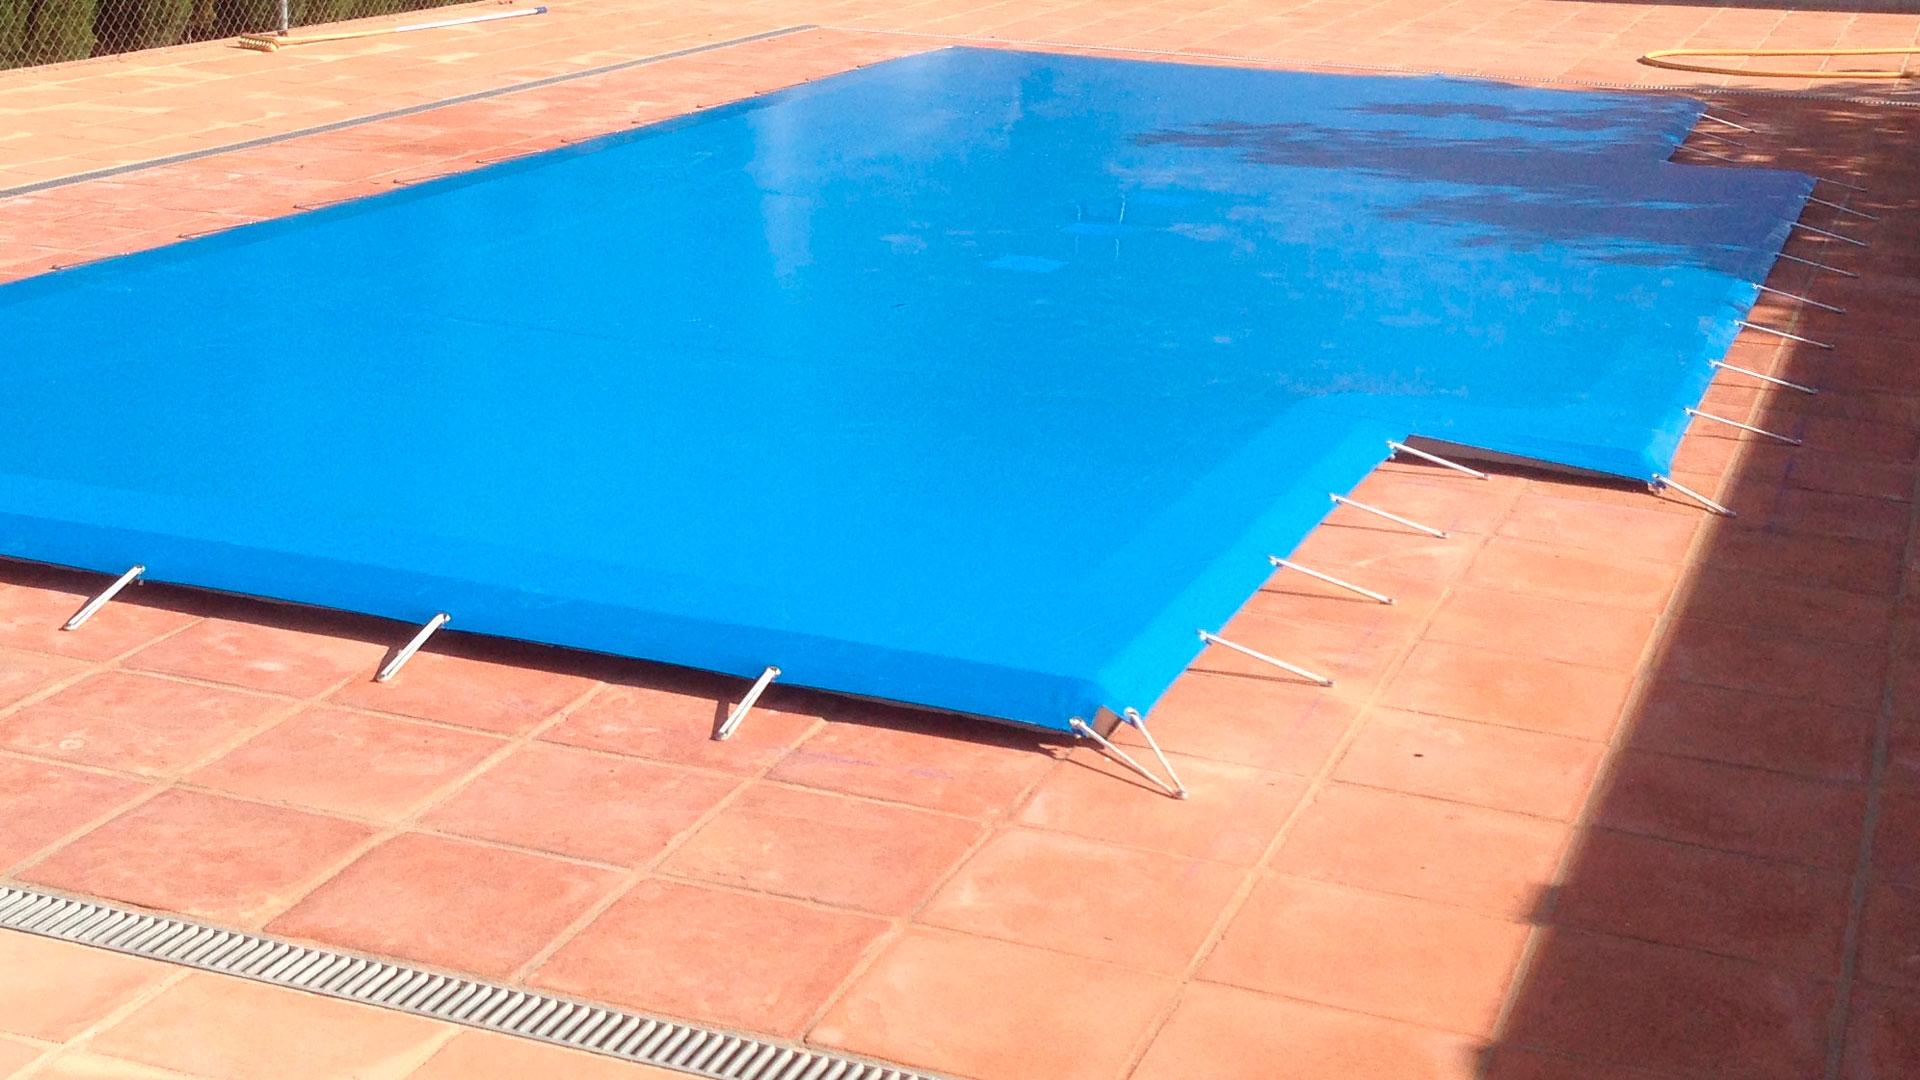 toldos-arta-mallorca-lona-piscina-toldos